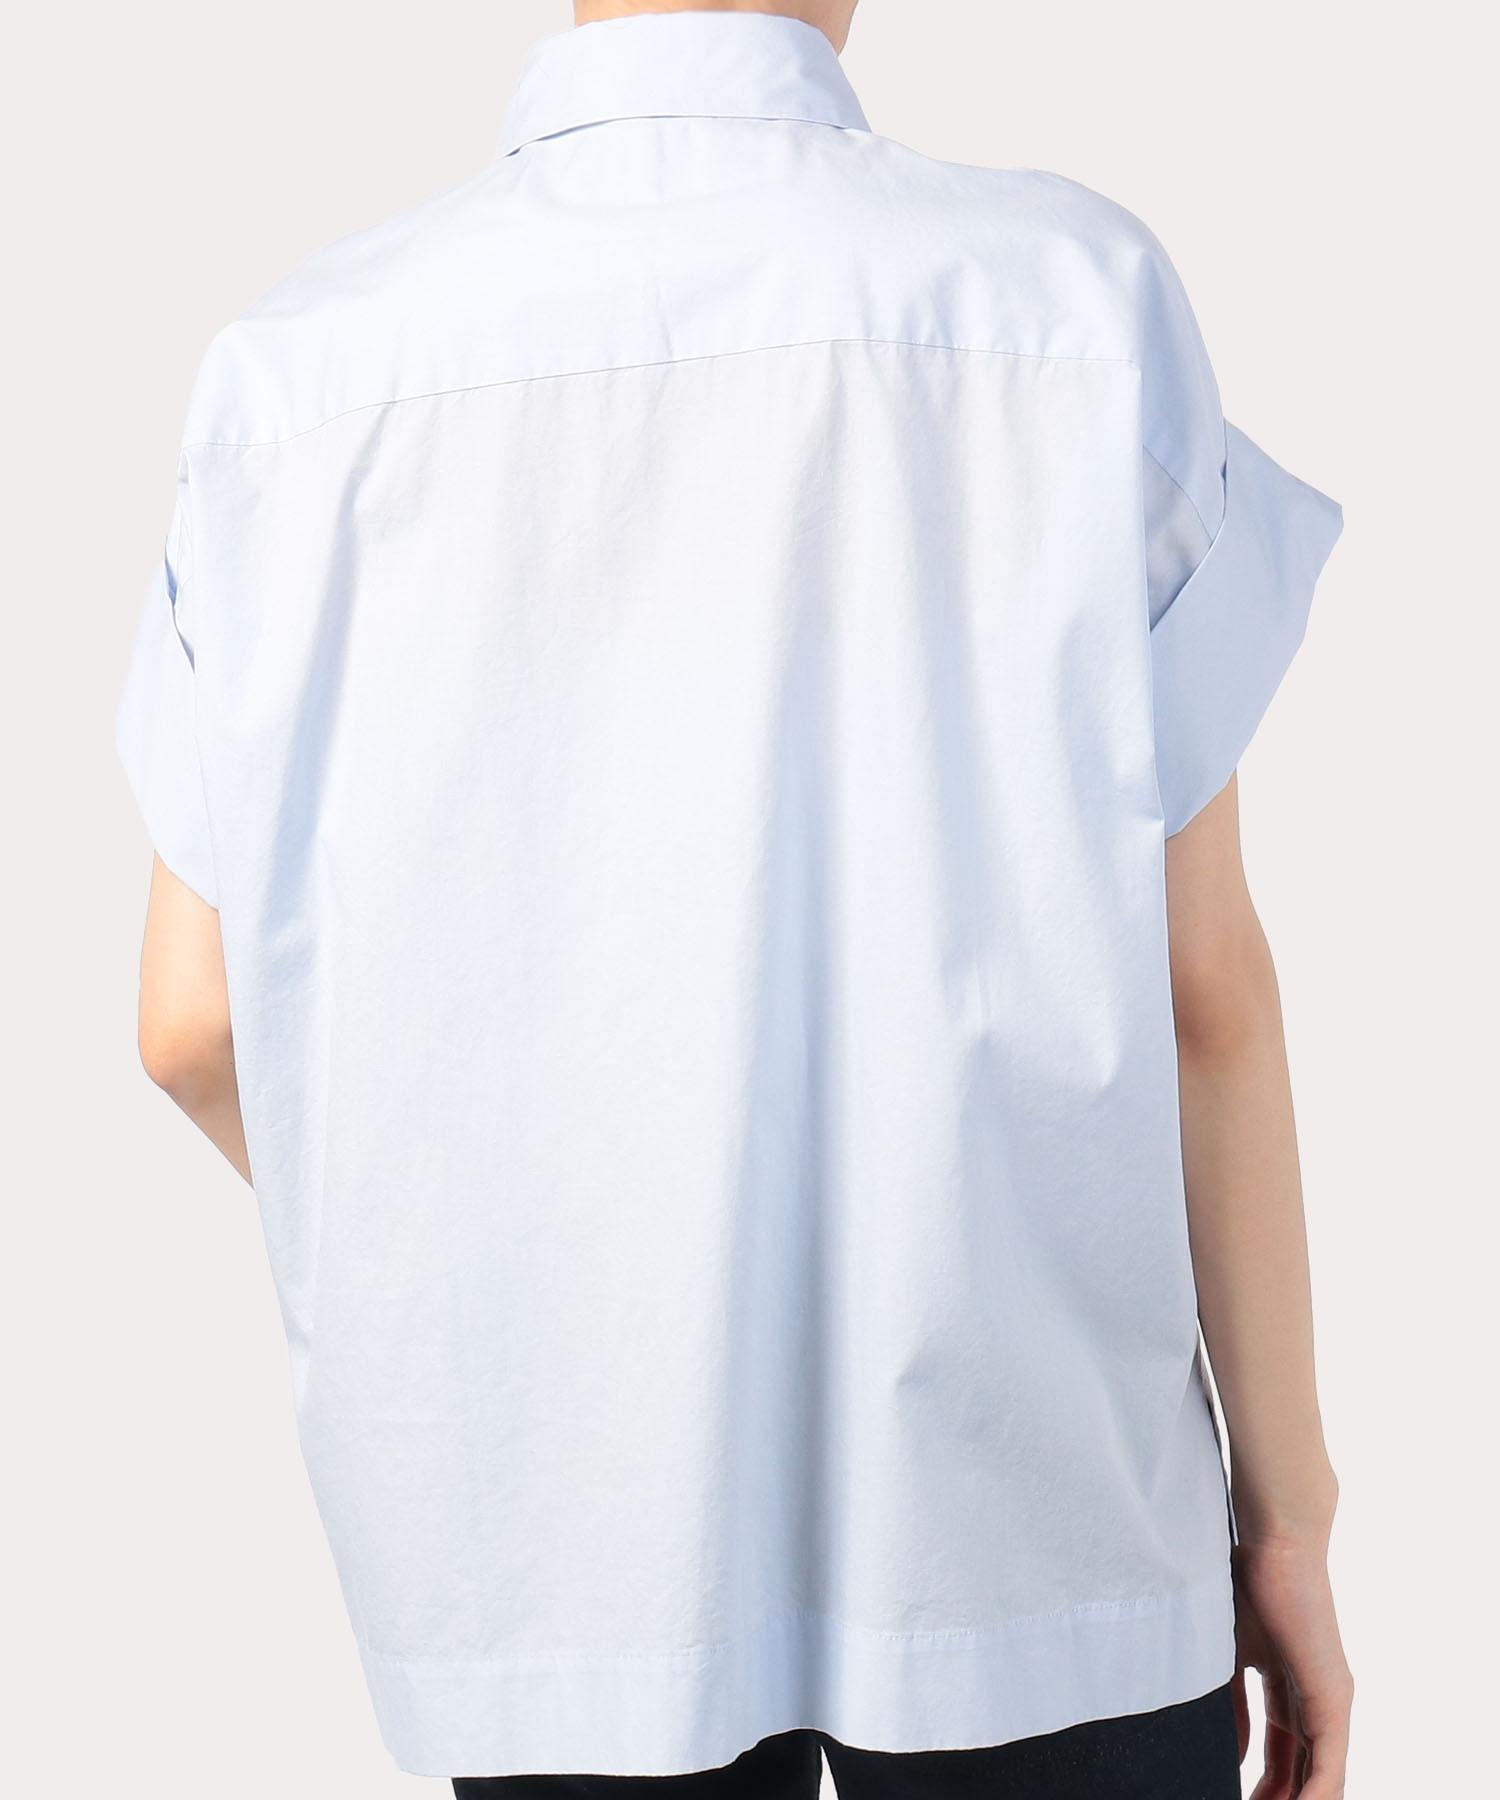 ブラックパールネックレスプリント スクエアシャツ